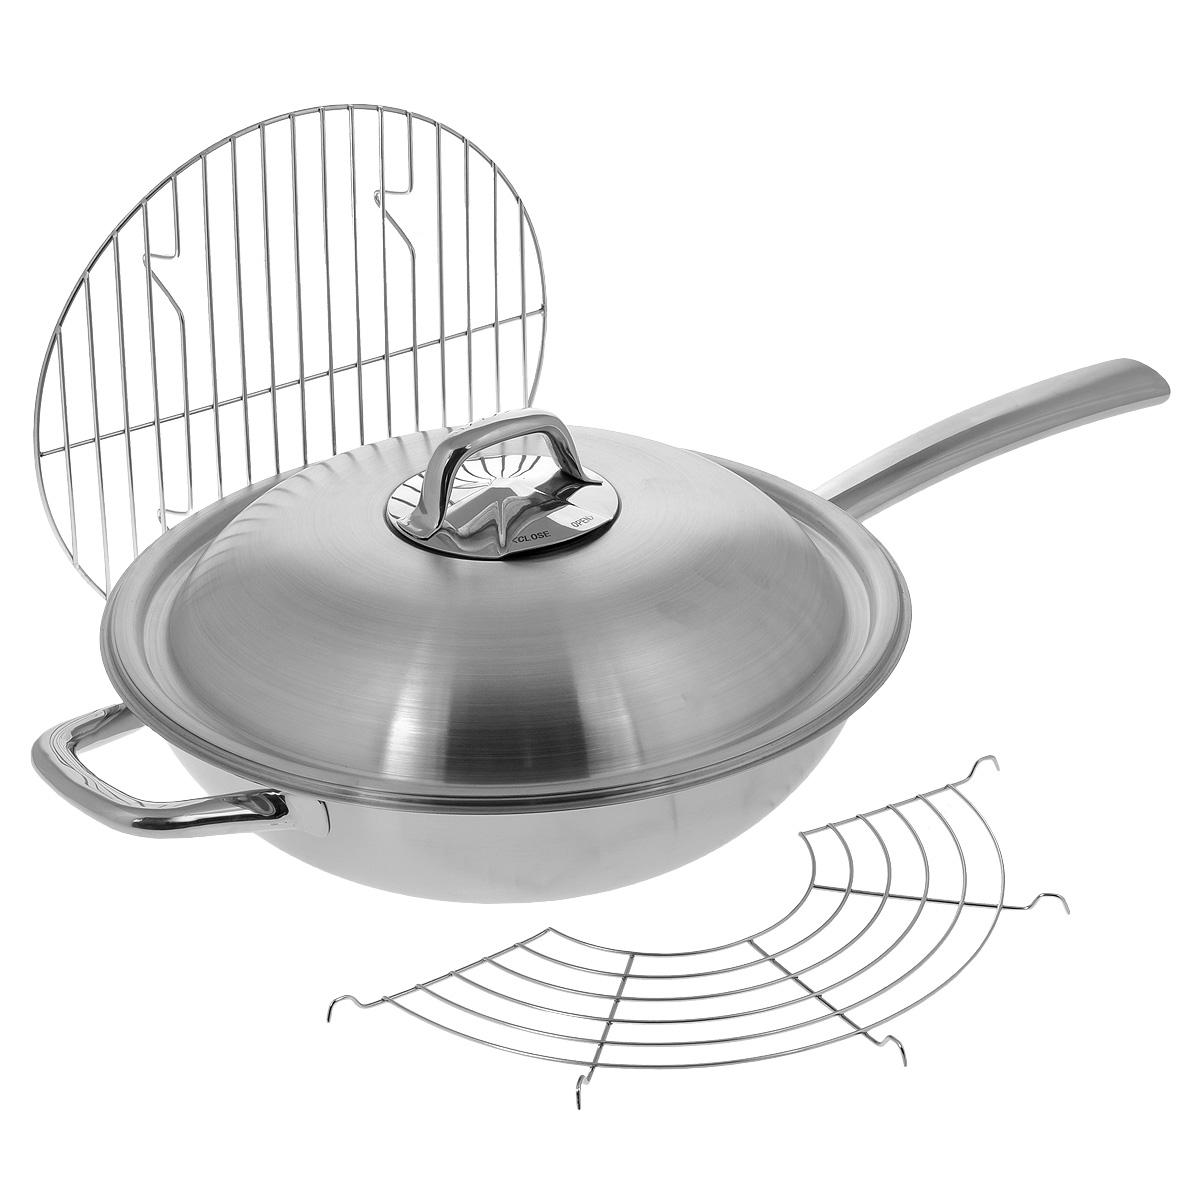 """Сковорода-вок Tescoma """"President"""", изготовленная из нержавеющей стали, отлично подходит для жарки, приготовления пищи на пару, блюд азиатской кухни. Благодаря трехслойной конструкции, температура внутри вока остается равномерной и постоянной. Вок имеет куполообразную крышку для оптимальной циркуляции пара и регулирования его выхода. Массивная и маленькая ручки изготовлены из высококачественной нержавеющей стали для комфортного и безопасного обращения. В набор также входят вместительная сетка для приготовления блюд на пару, полукруглая решетка-подставка и решеточка-подставка для хранения и приготовления блюд на пару.  Вок имеет матовую поверхность, а длинная ручка - зеркальную.В наборе - буклет с рецептами.Подходит для всех типов плит, в том числе для индукционных. Можно мыть в посудомоечной машине.Высота стенки вока: 9,5 см. Длина ручки: 22 см. Толщина стенки: 2 мм. Толщина дна: 3 мм. Диаметр по верхнему краю: 32 см.Размер сетки: 35 см х 35 см х 4 см.Размер полукруглой решетки-подставки: 34 см х 18 см х 1 см.Размер решетки для приготовления на пару: 27 см х 27 см х 3,5 см."""